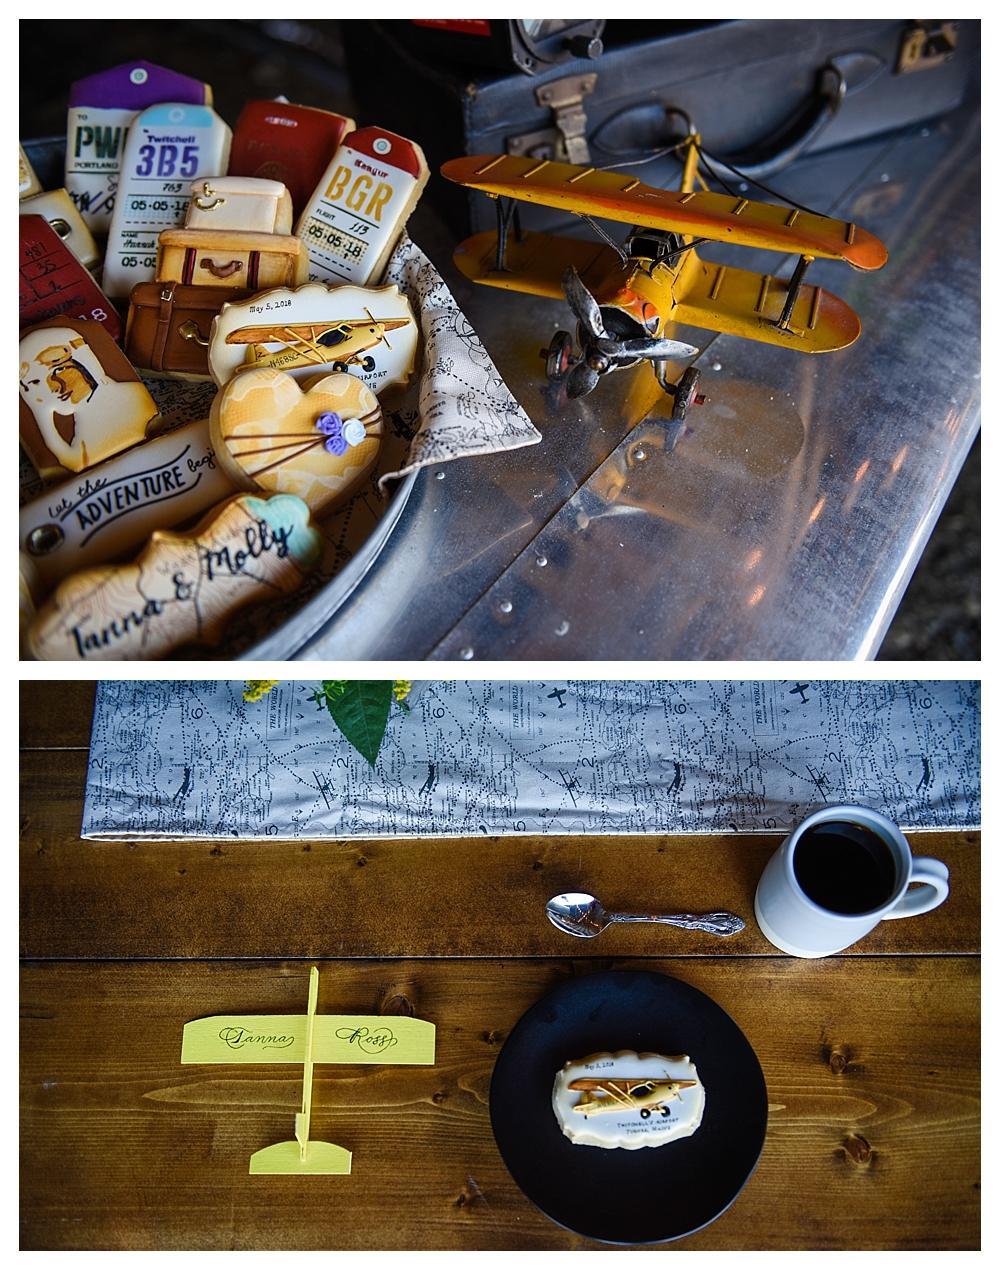 Amelia Earhart Vintage Hangar Wedding Wedding Cookies Danys Cakes .jpg